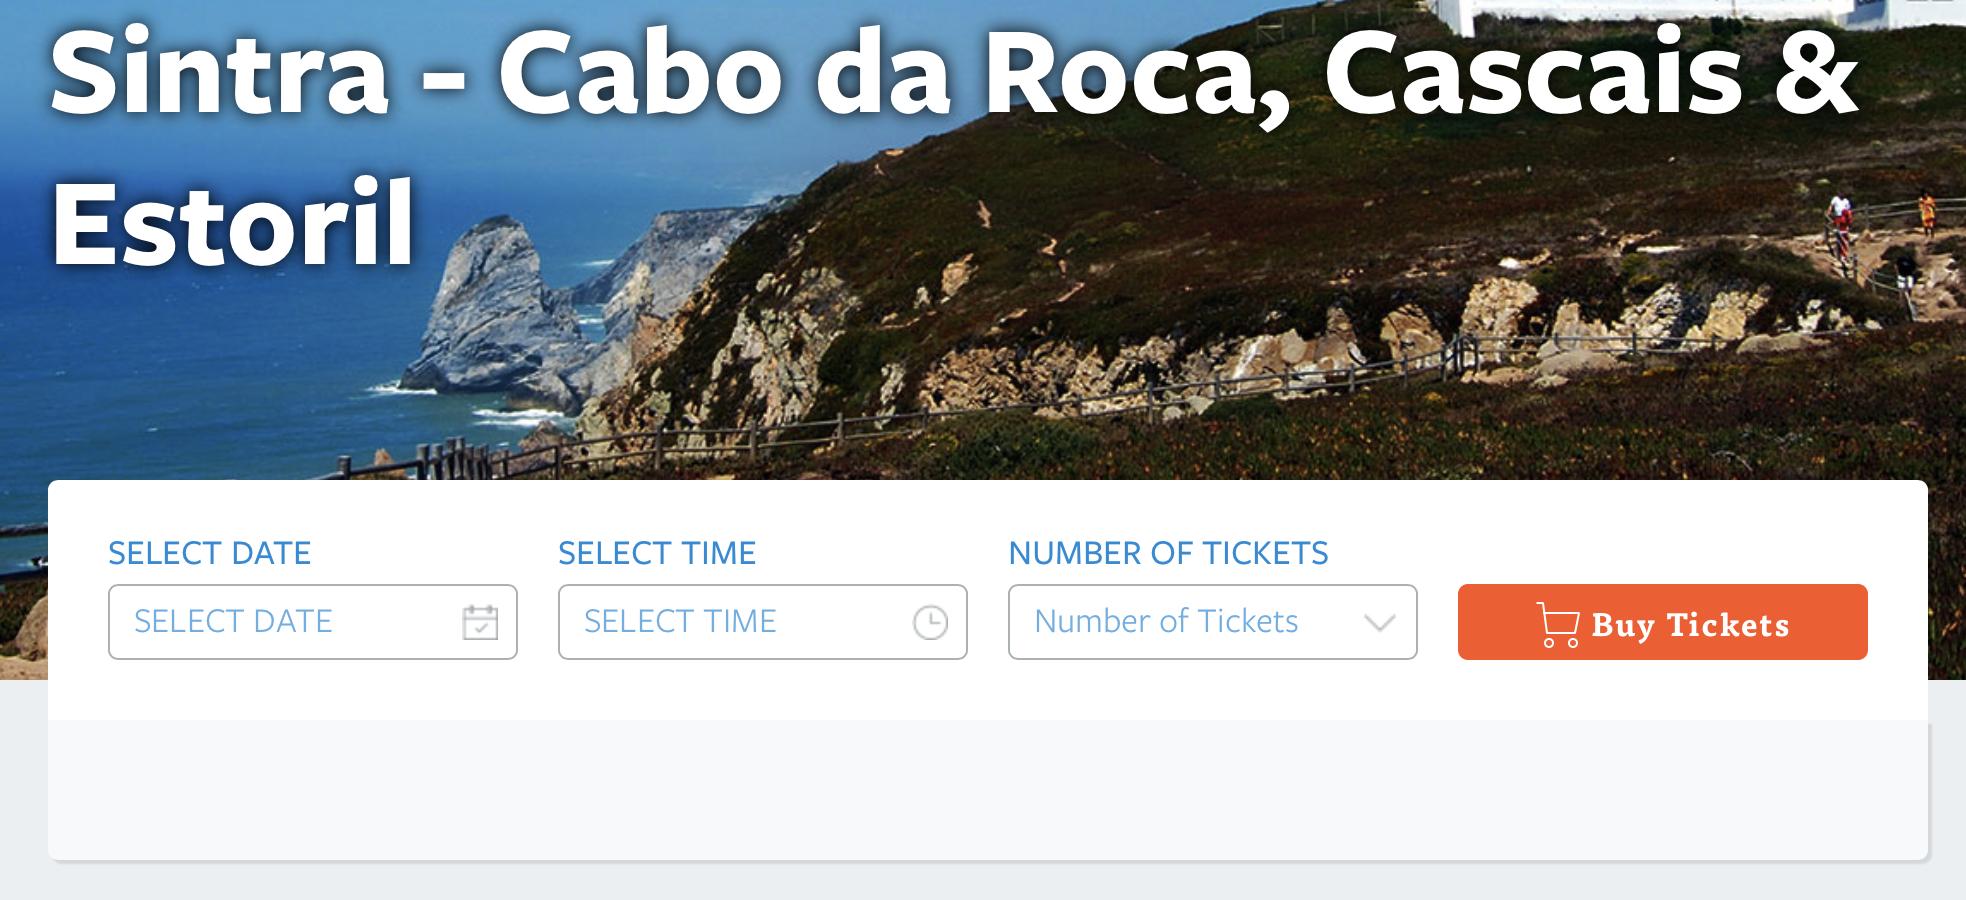 Wycieczka z Lizbony do Sintry, Cabo da Roca, Cascais oraz Estoril